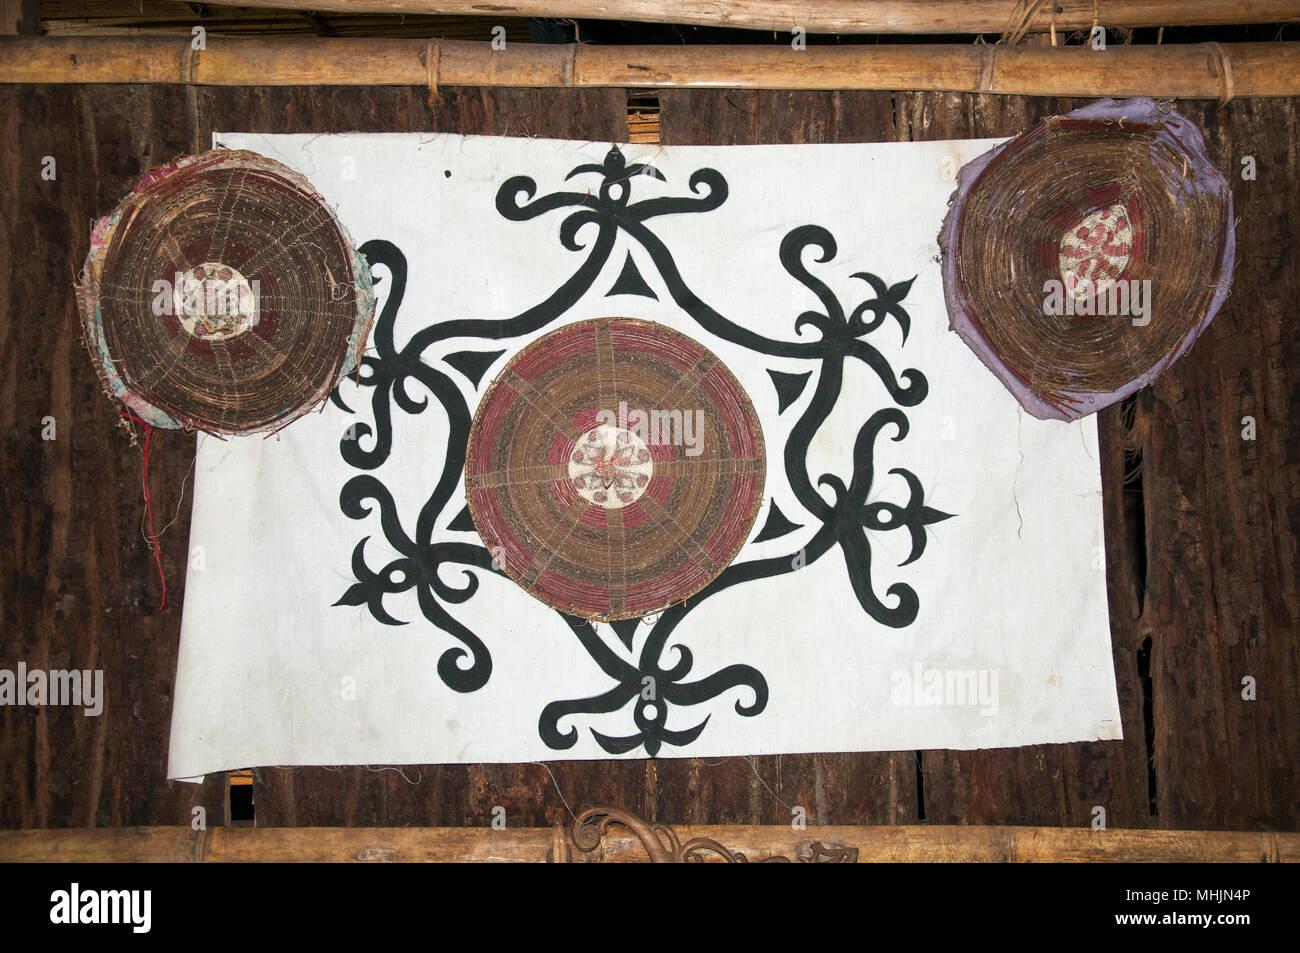 Crafts displayed at the Lundayeh House at Mari Mari Cultural Village, Kota Kinabalu, Sabah, Malaysian Borneo - Stock Image